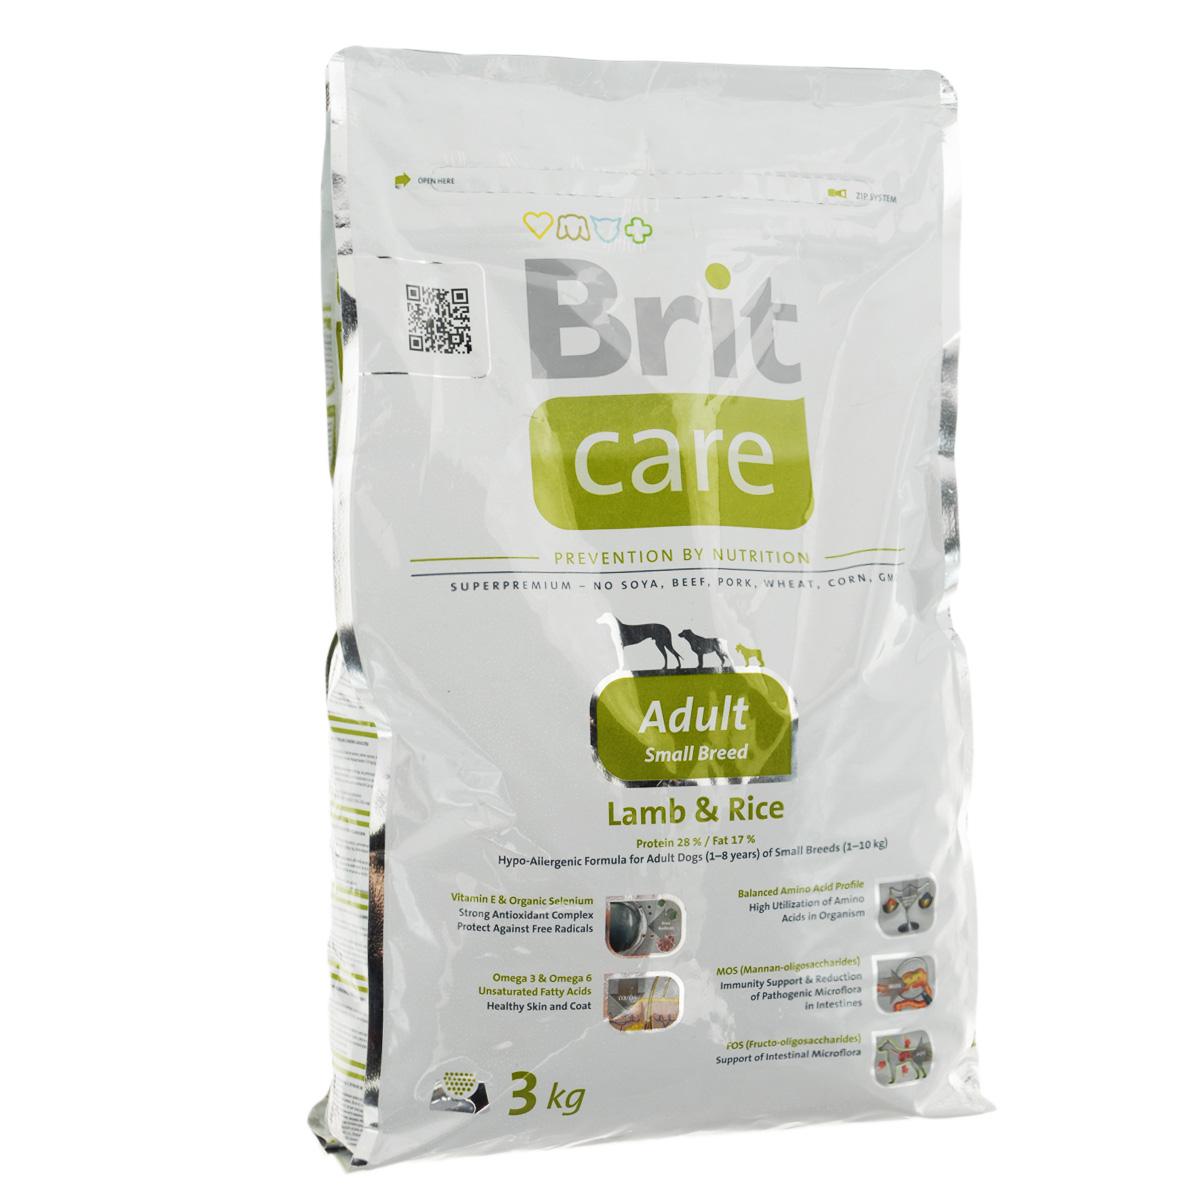 Корм сухой Brit Care Adult Small Breed для собак мелких пород, с ягненком и рисом, 3 кг100202Сухой корм Brit Care Adult Small Breed - это полноценный рацион для собак мелких пород. Оптимальное соотношение Омега-3 и Омега-6 жирных кислот с органическим цинком и медью обеспечивает здоровое состояние кожи и улучшает качество шерсти. Состав: баранина, цыпленок, рис, куриный жир (консервированный при помощи токоферолов), жир лосося, натуральные ароматы, хлопья риса, сушеная мякоть репы, пивные дрожжи, сушеные яичные продукты, экстракт из юкки шидигеры, сушеные яблоки, минералы,глюкозоамин гидрохлорид, сульфат хондроитина, ДЛ-метионин, Л-лизин, олигосахарид маннана, фрукто-олигосахариды, сульфат пентогидрат меди, ниацин, кальций пантотенат, фолиевая кислота, хлорид холина, биотин, витамин А, витамин Д3, витамин Е. Аналитические составляющие: белки 28 %, жиры 17 %, влажность 10 %, сырая зола 7 %, клетчатка 2,5 %, кальций 1,6 %, фосфор 1,2 %. Добавки на кг: витамин А: 20000; витамин D3: 1500; витамин Е: 500 мг/кг; железо: 80; йод: 0,65; медь: 20....